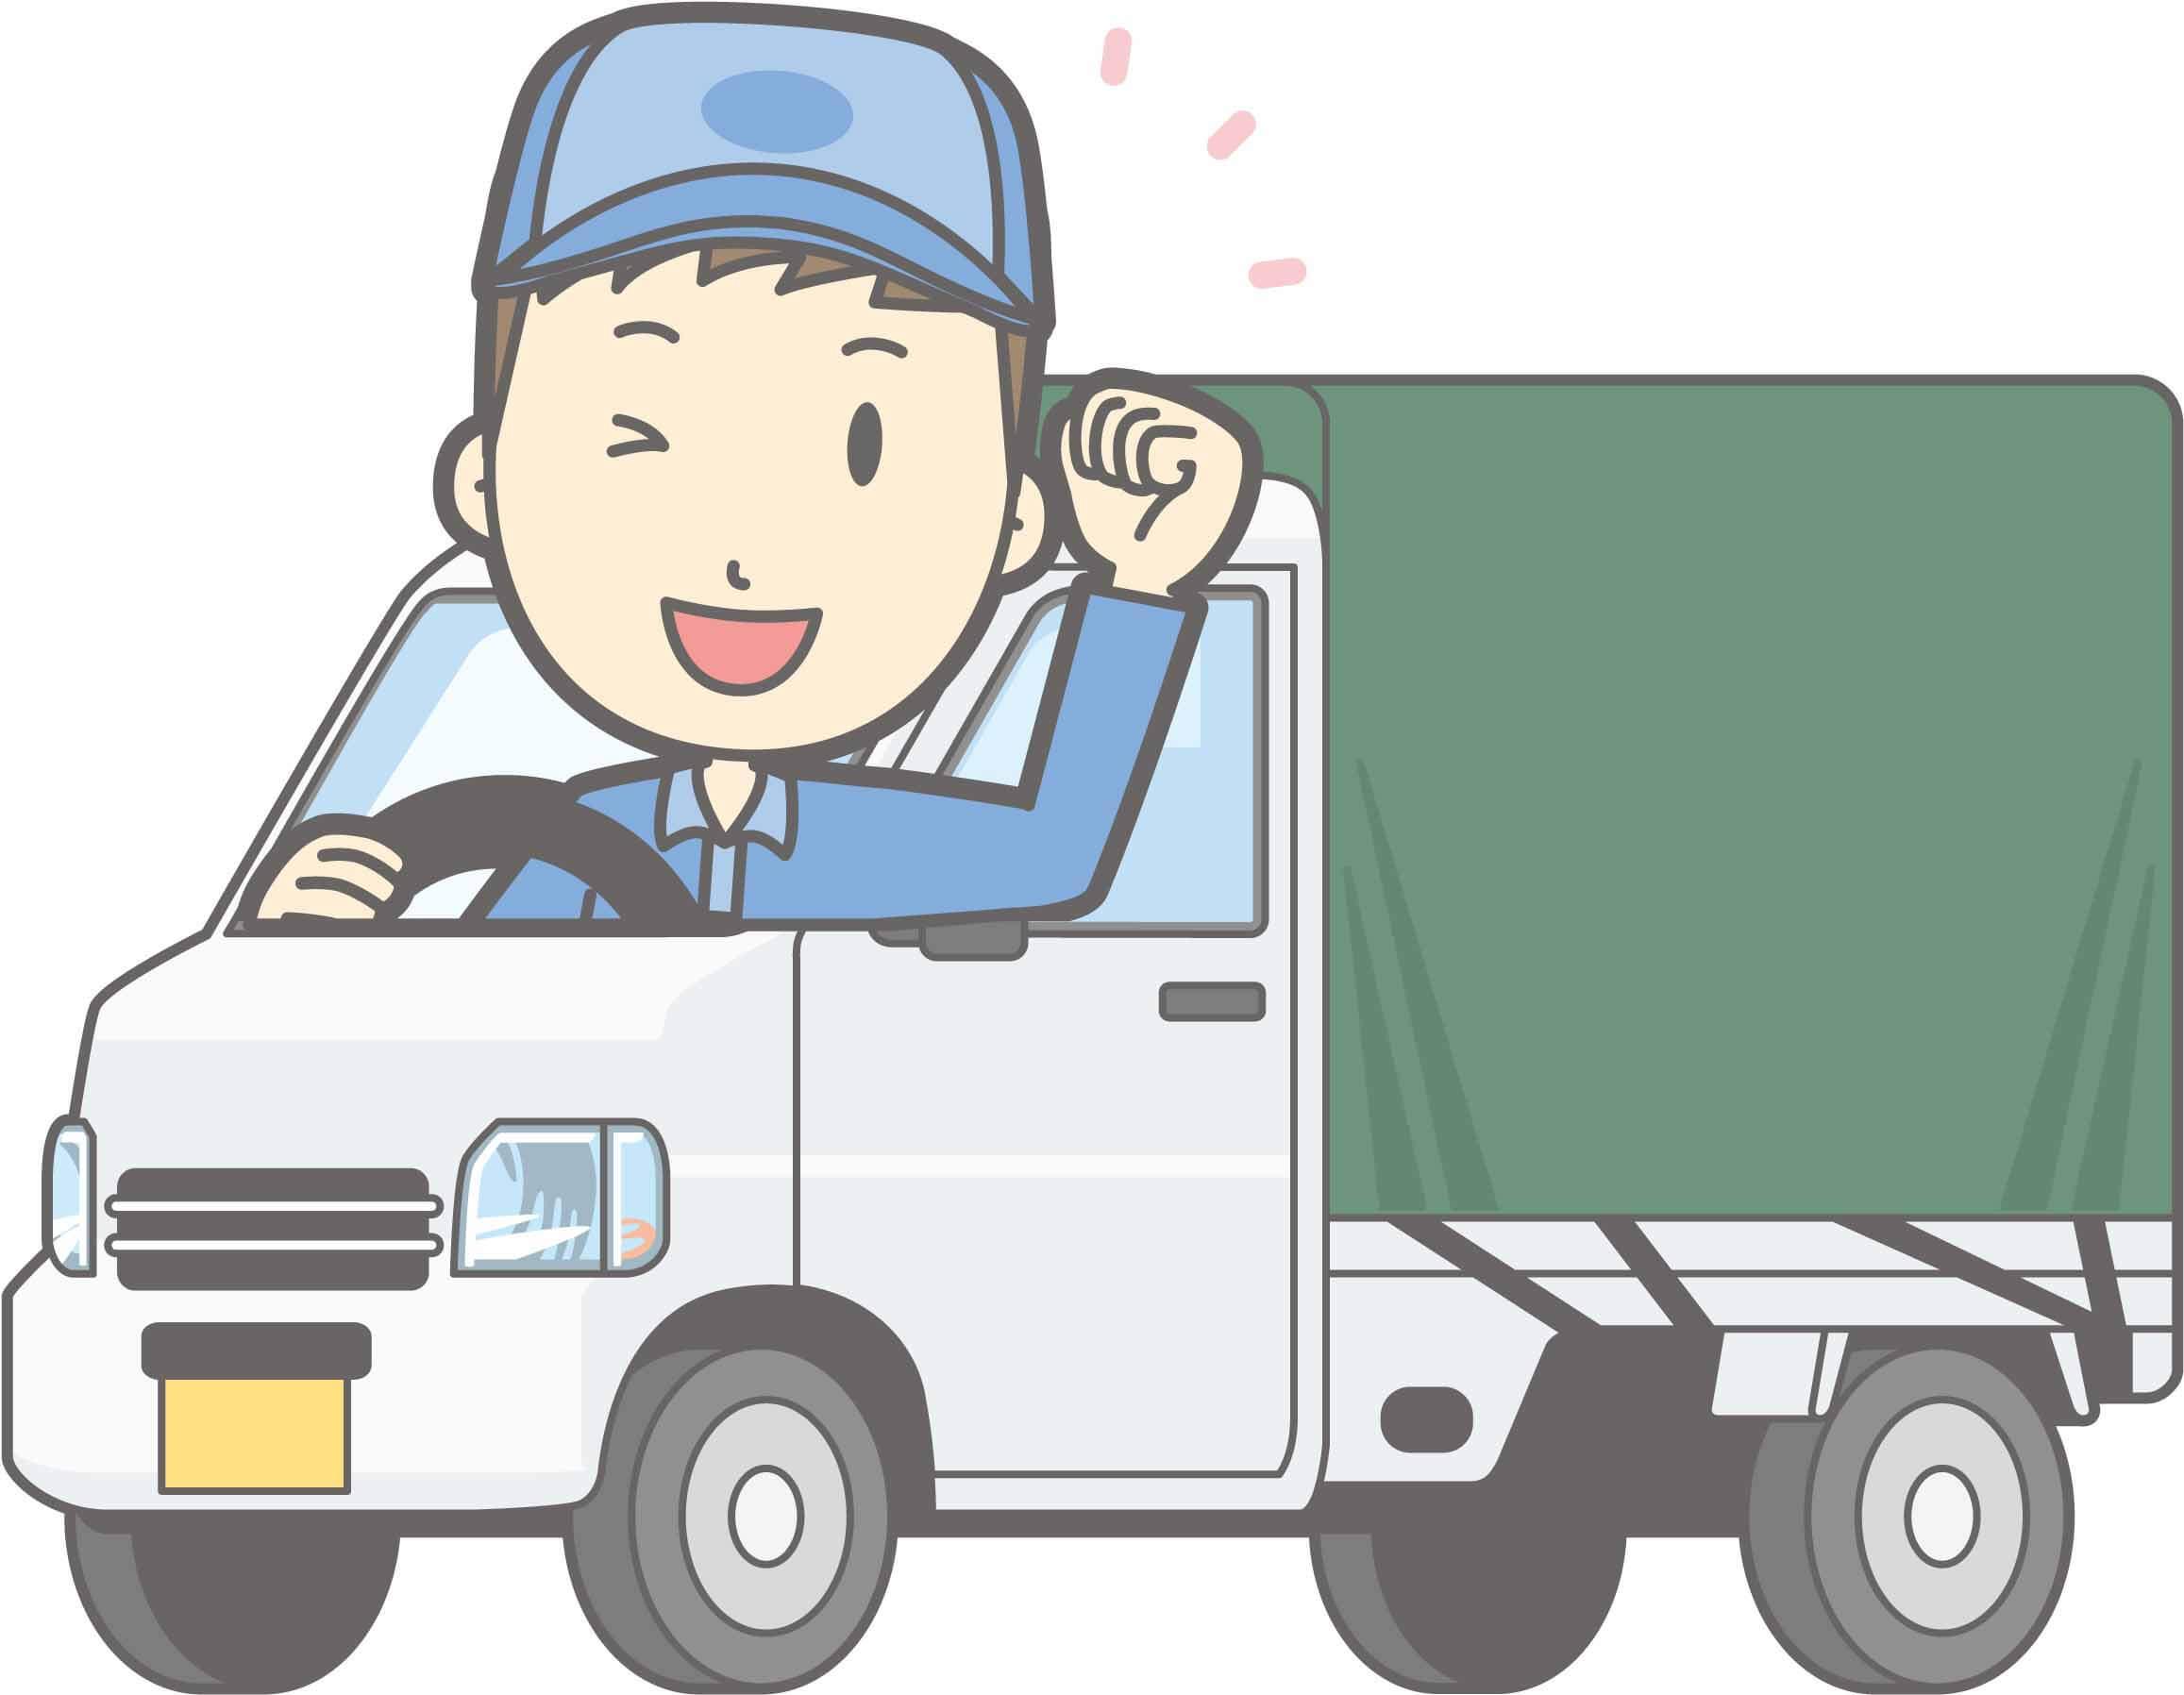 かまがた運送店は関東地区の引越しに強い運送業者です